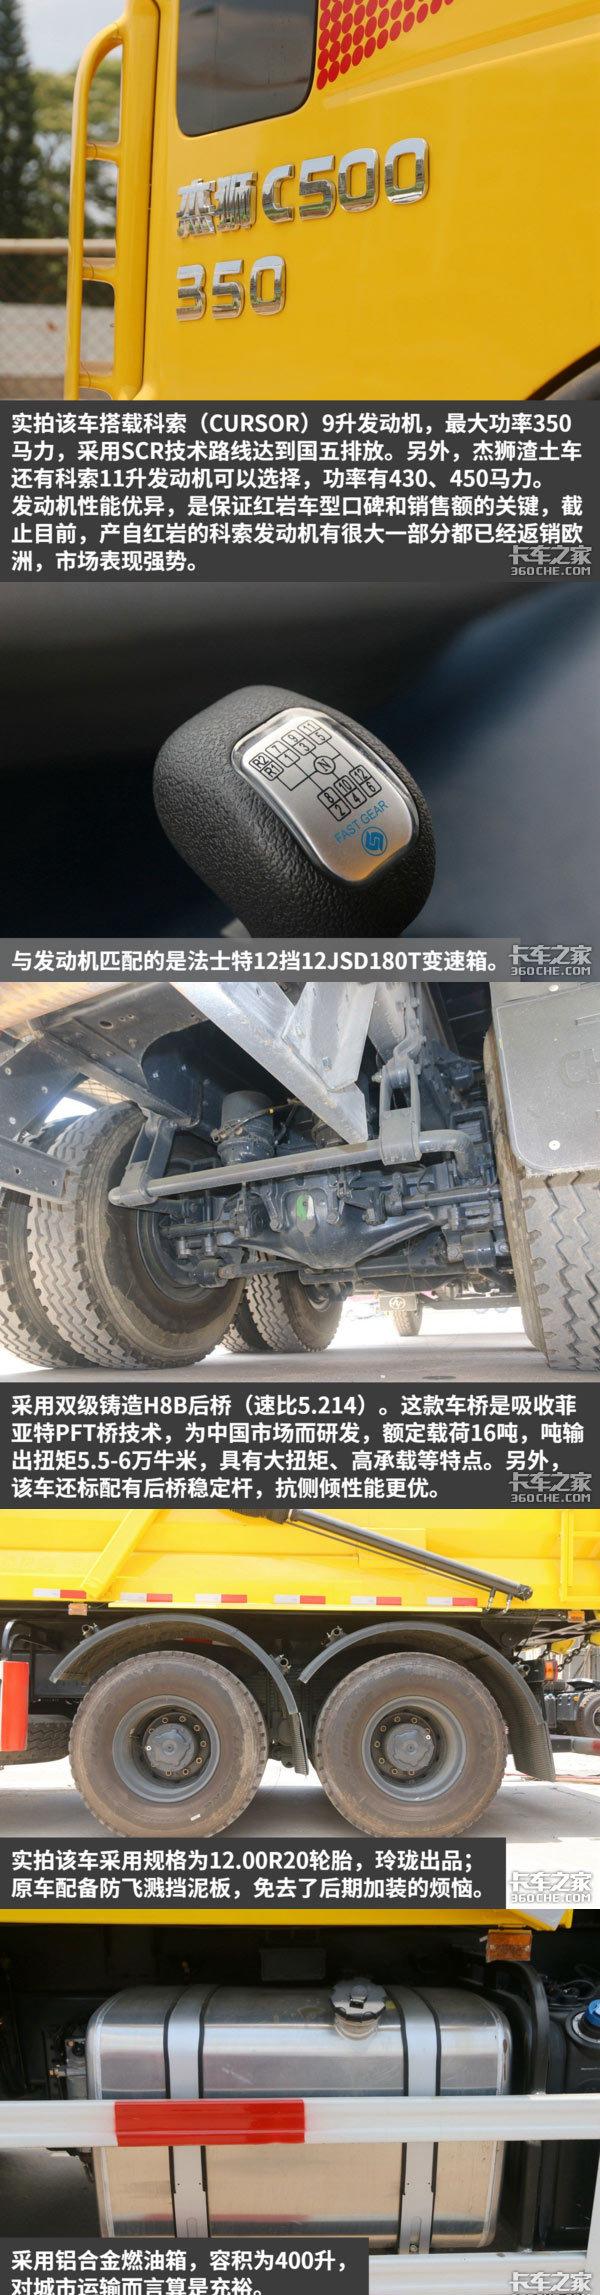 科索9升发动机 16吨级H8B后桥